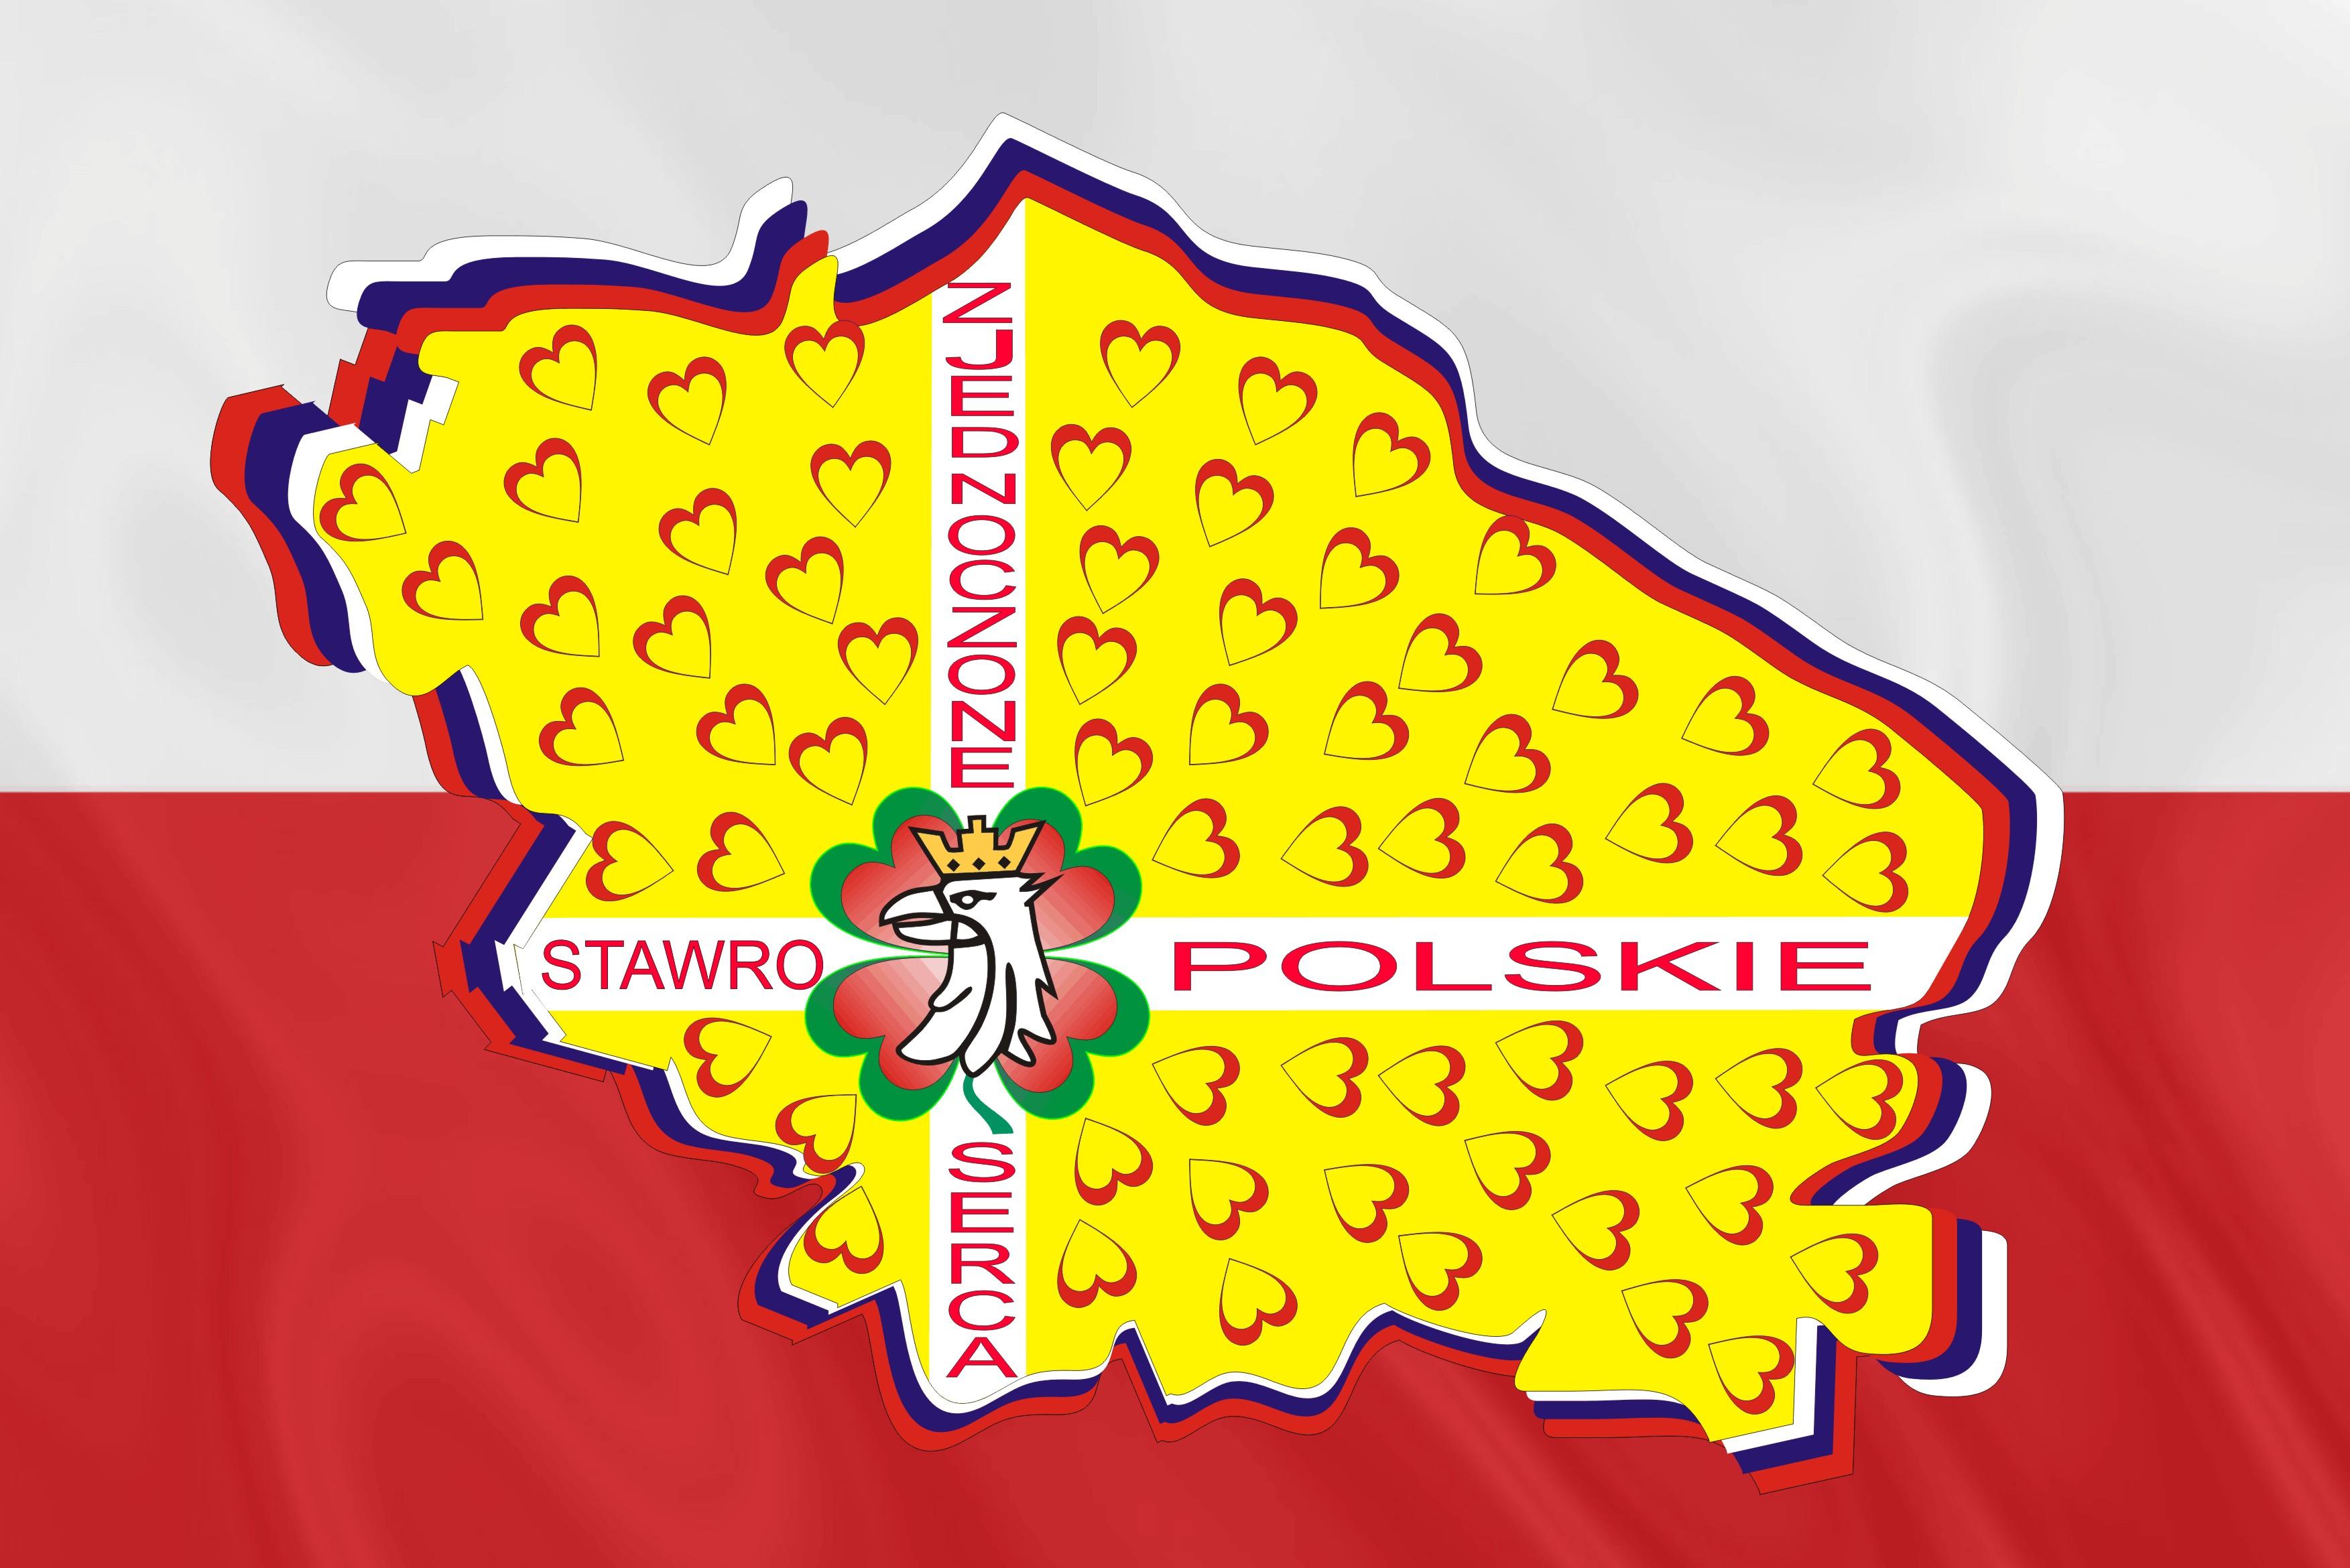 polskie serca w niemczech Zabrze